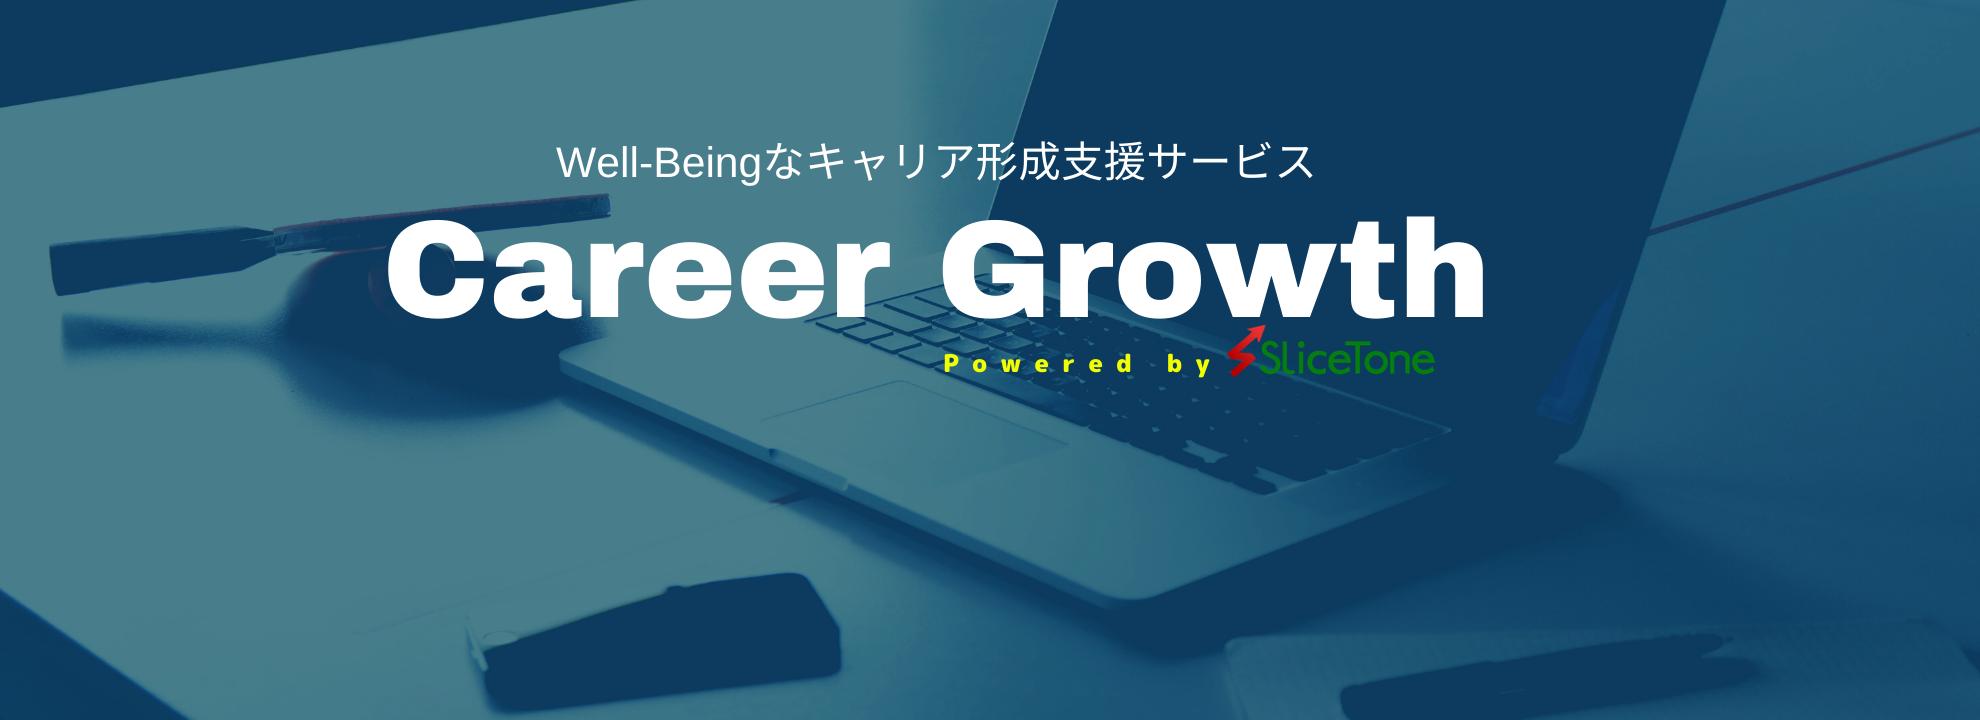 CareerGrowth